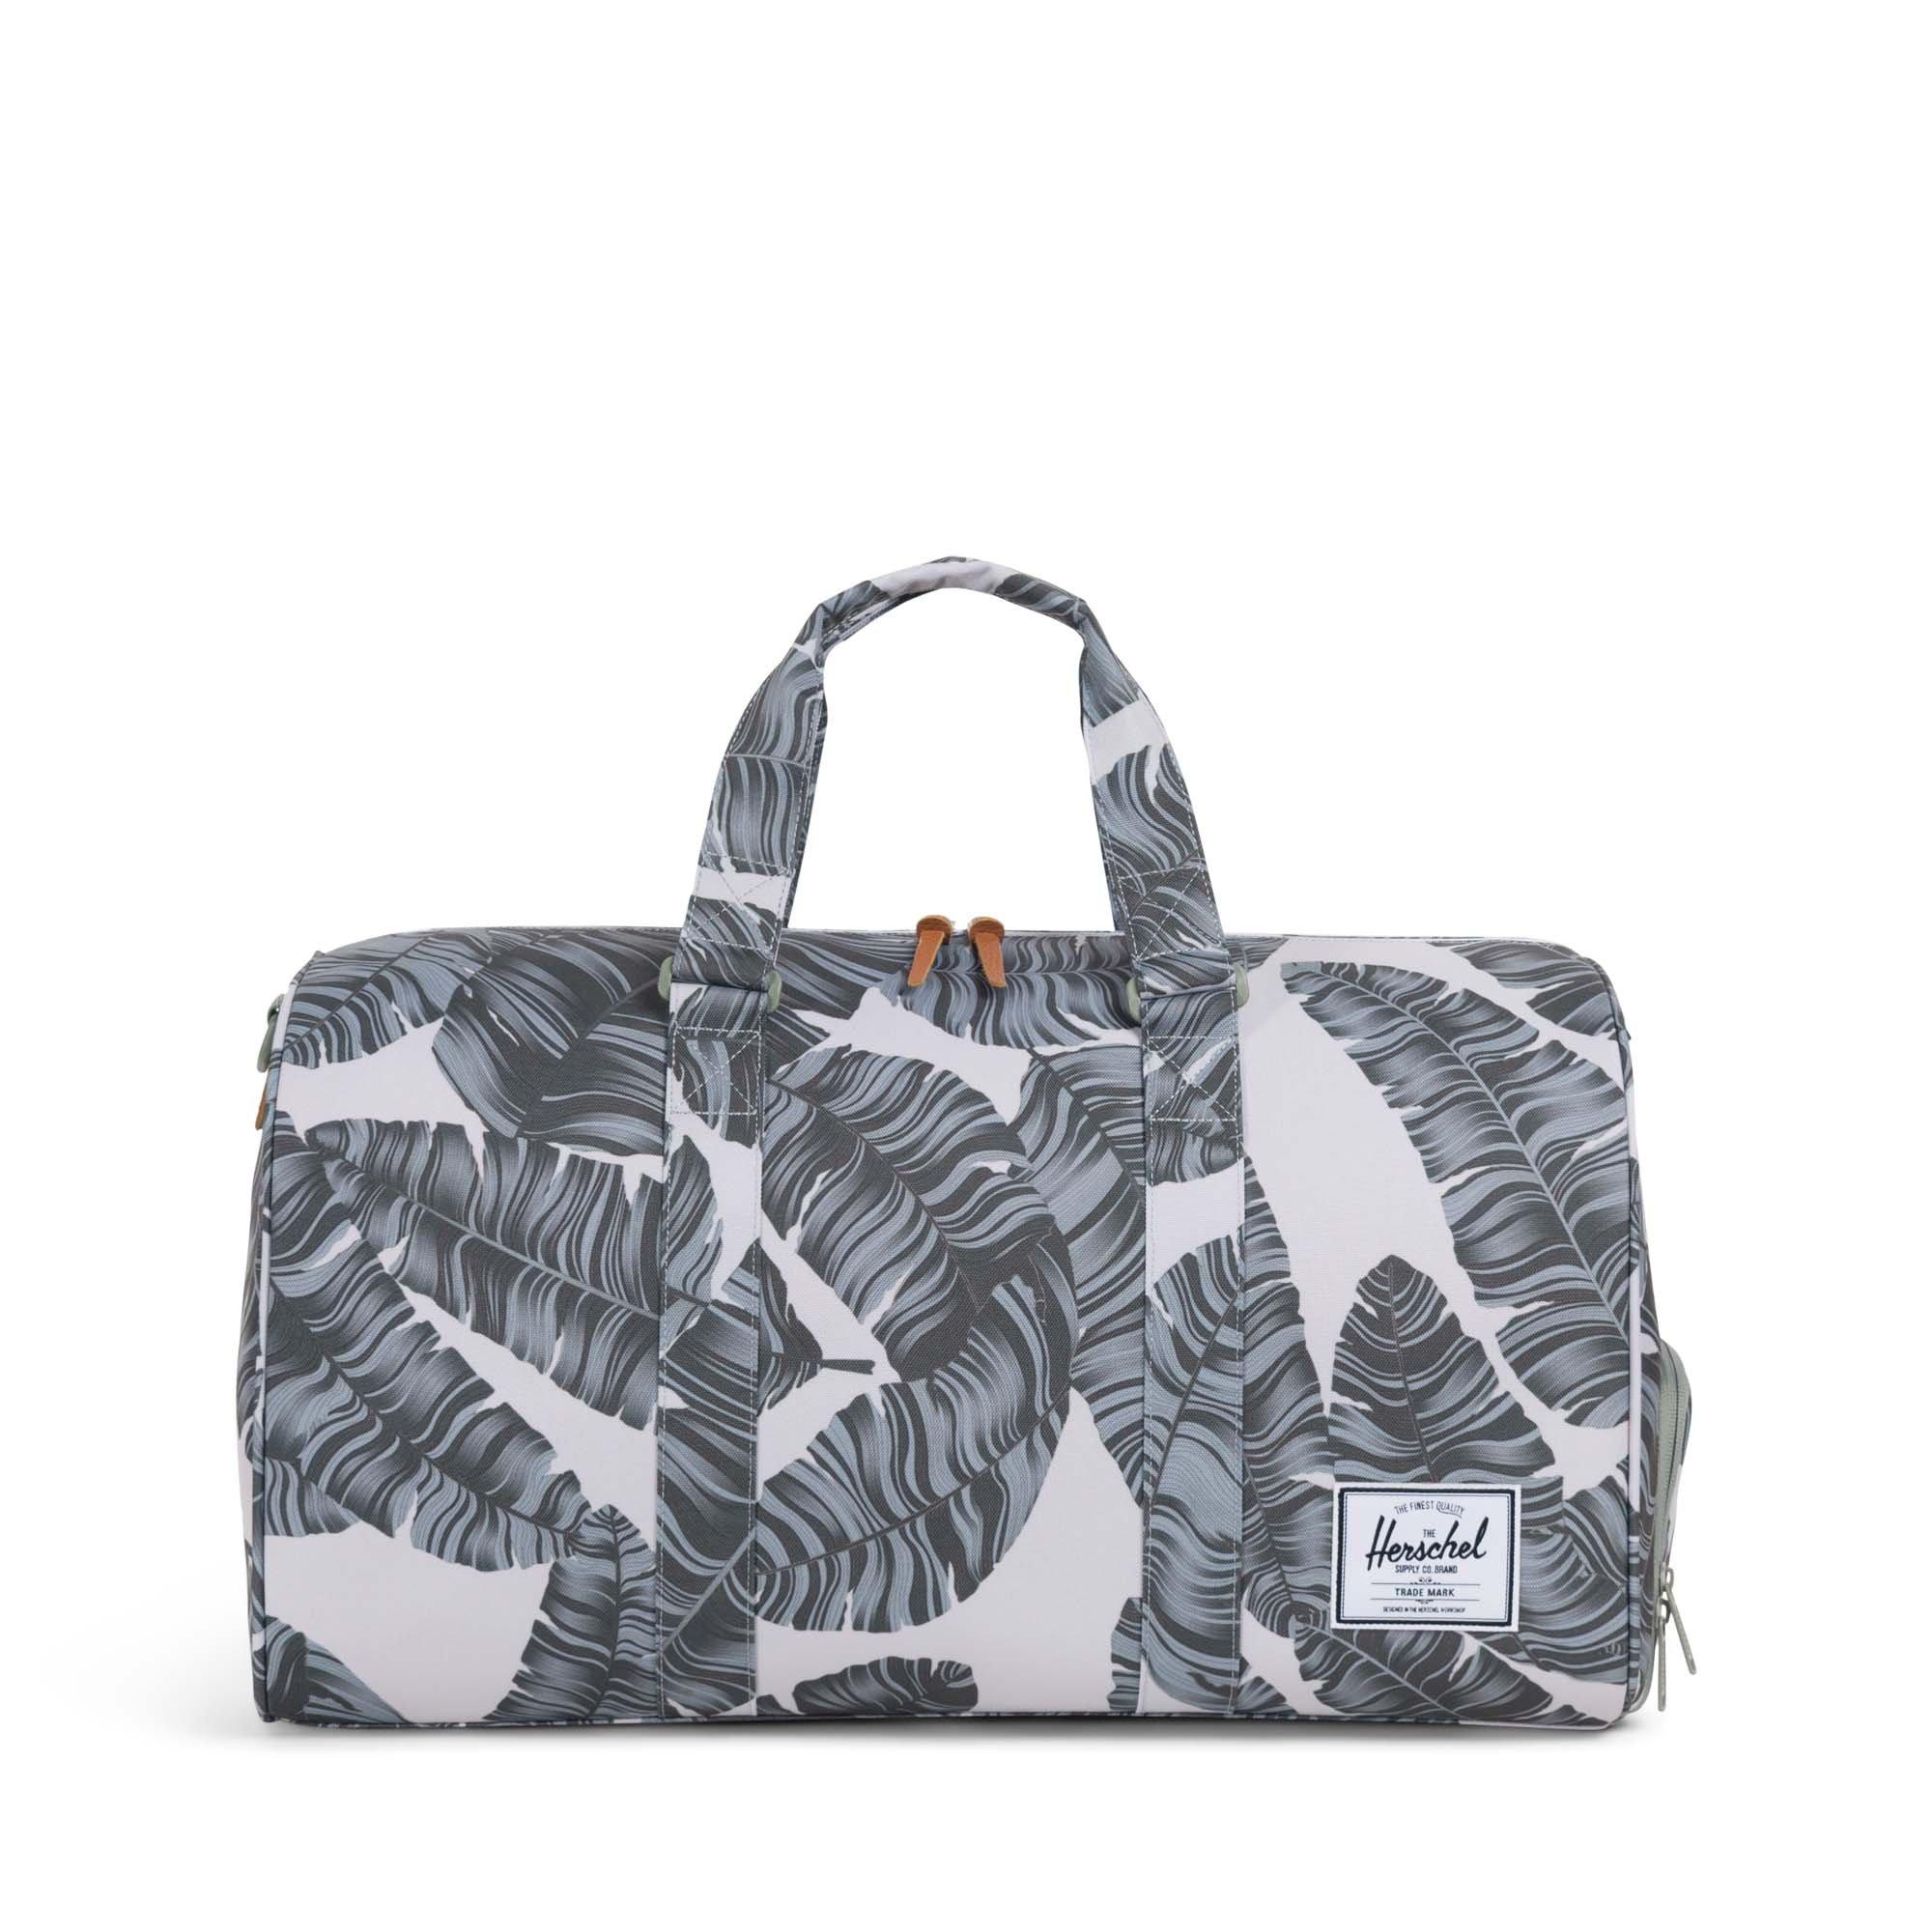 6f11ee48aa6 Galleon - Herschel Supply Co. Novel Duffle Bag